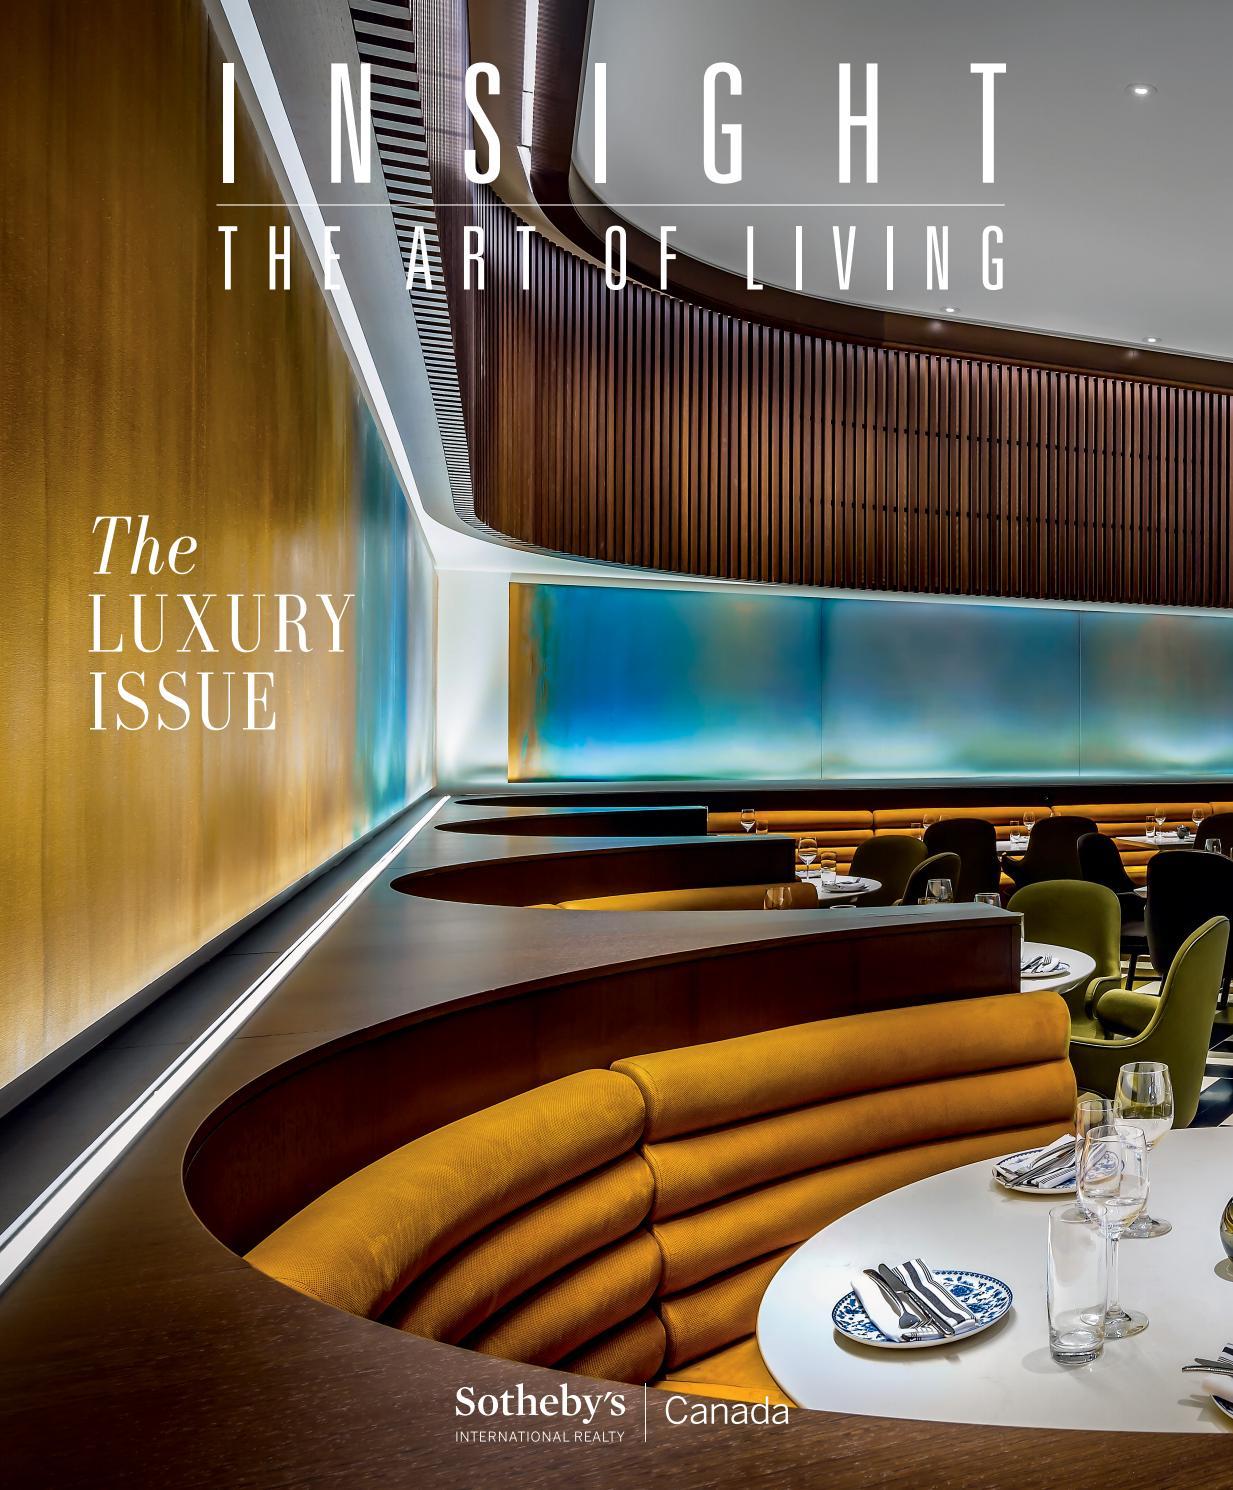 Table Jardin Bois Génial Insight The Art Of Living Fall 2019 ... intérieur Table Jardin Bois